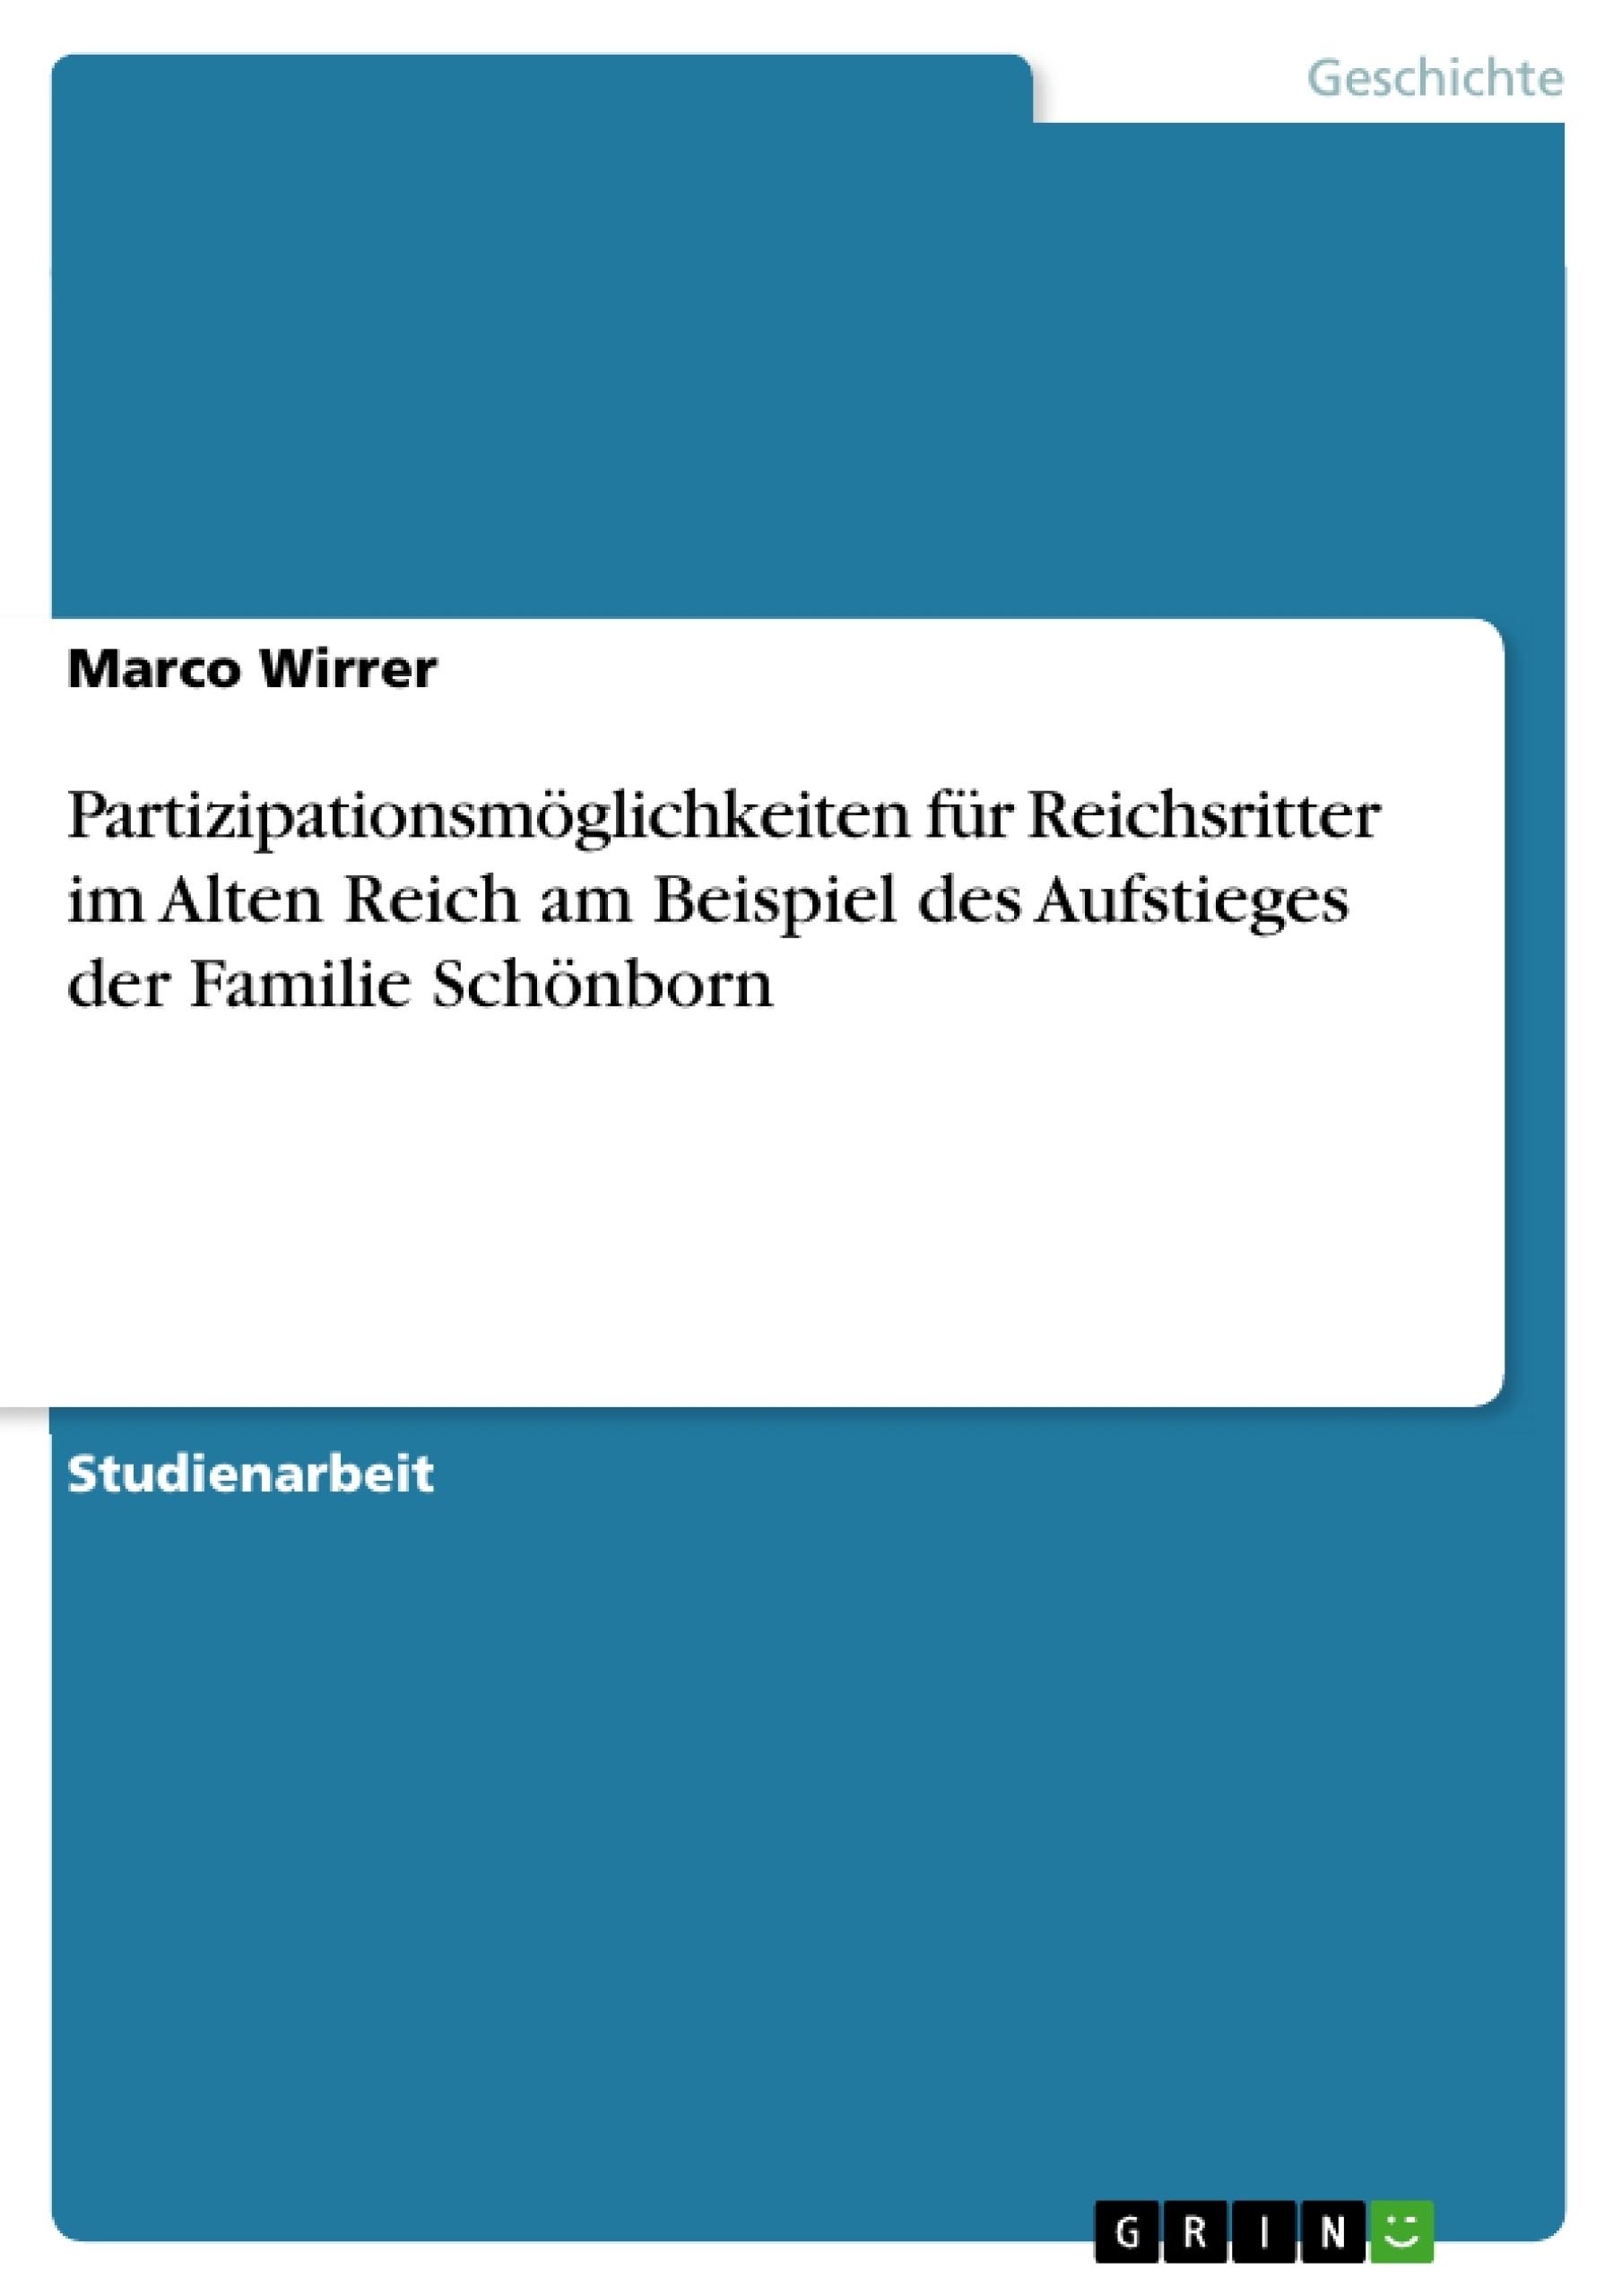 Titel: Partizipationsmöglichkeiten für Reichsritter im Alten Reich am Beispiel des Aufstieges der Familie Schönborn